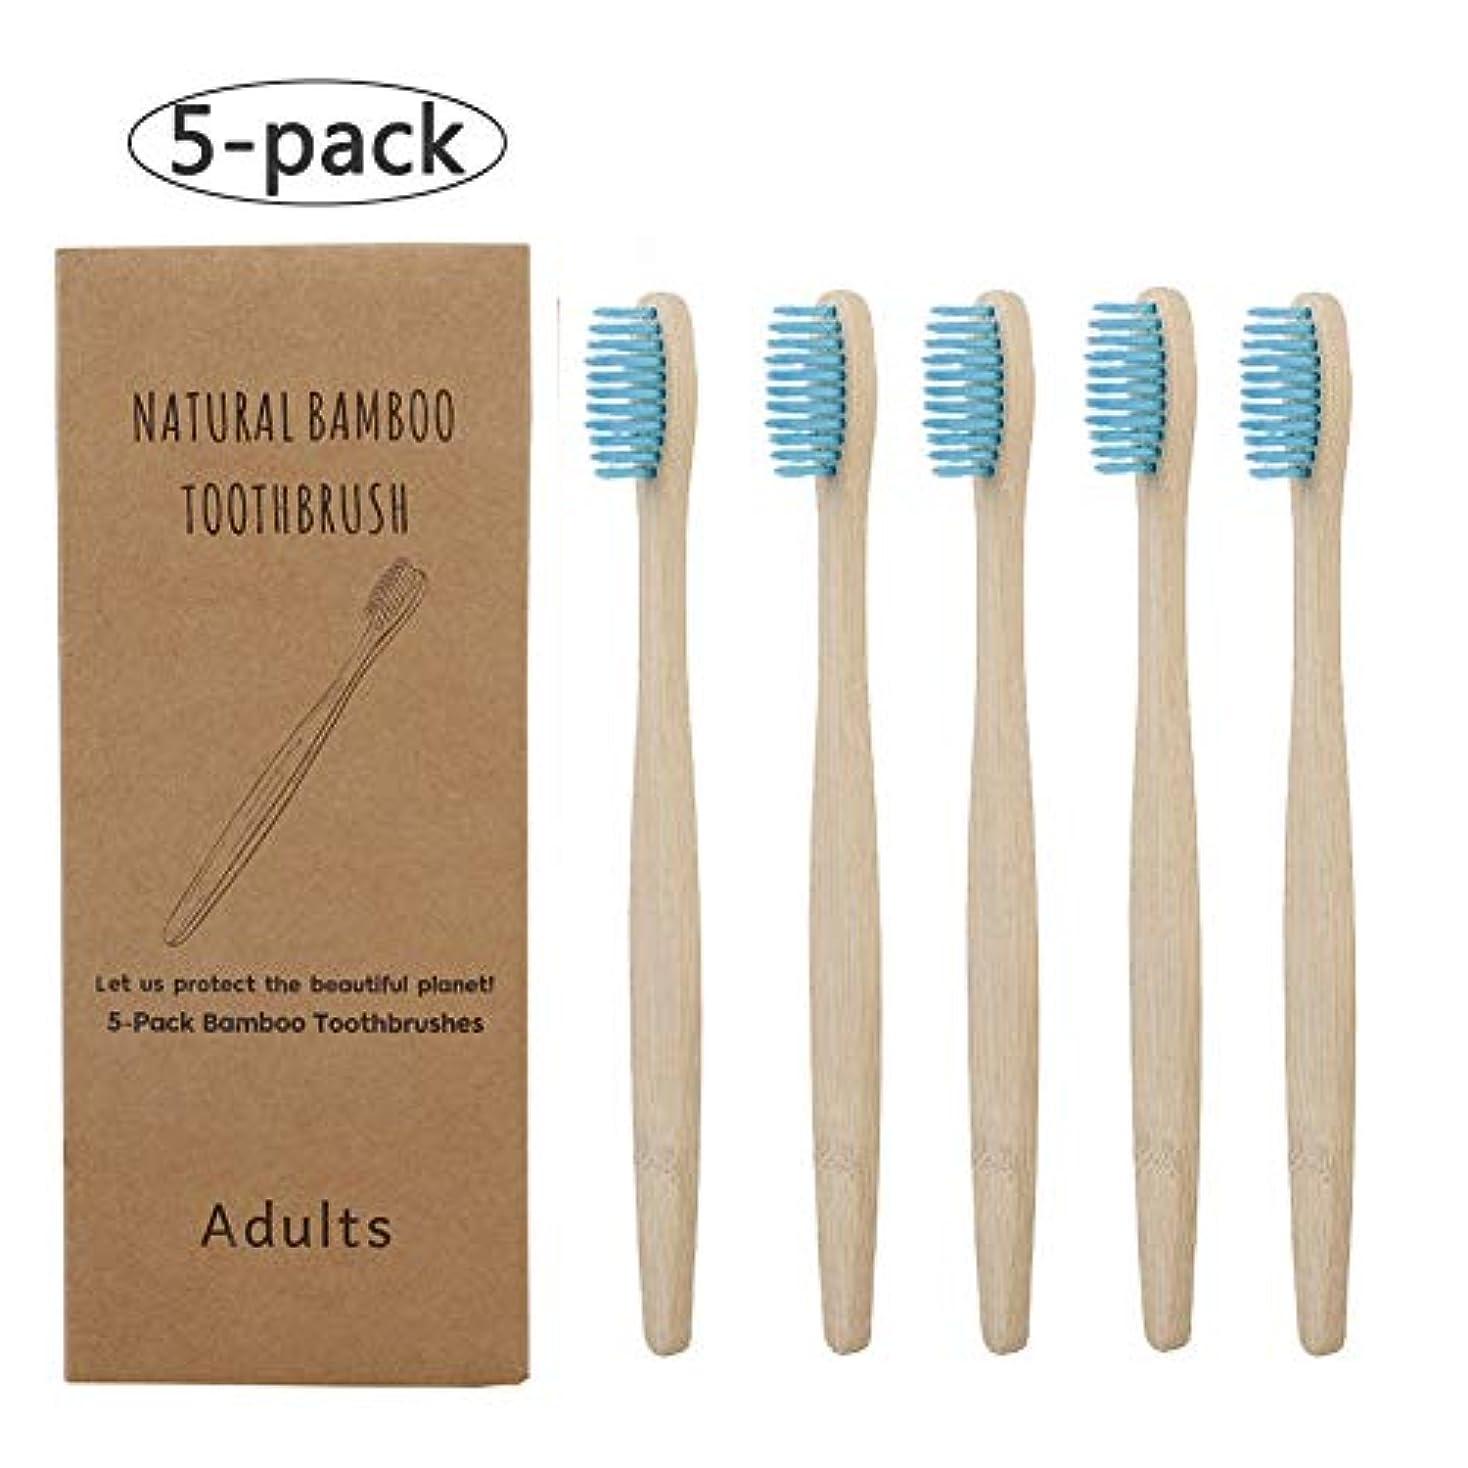 はげボンド貧困Doo 5pcs 竹の歯ブラシ 大人用 柔らかい剛毛 環境保護 自然竹ハンドル 軟毛歯ブラシ 口腔ケア ブルー